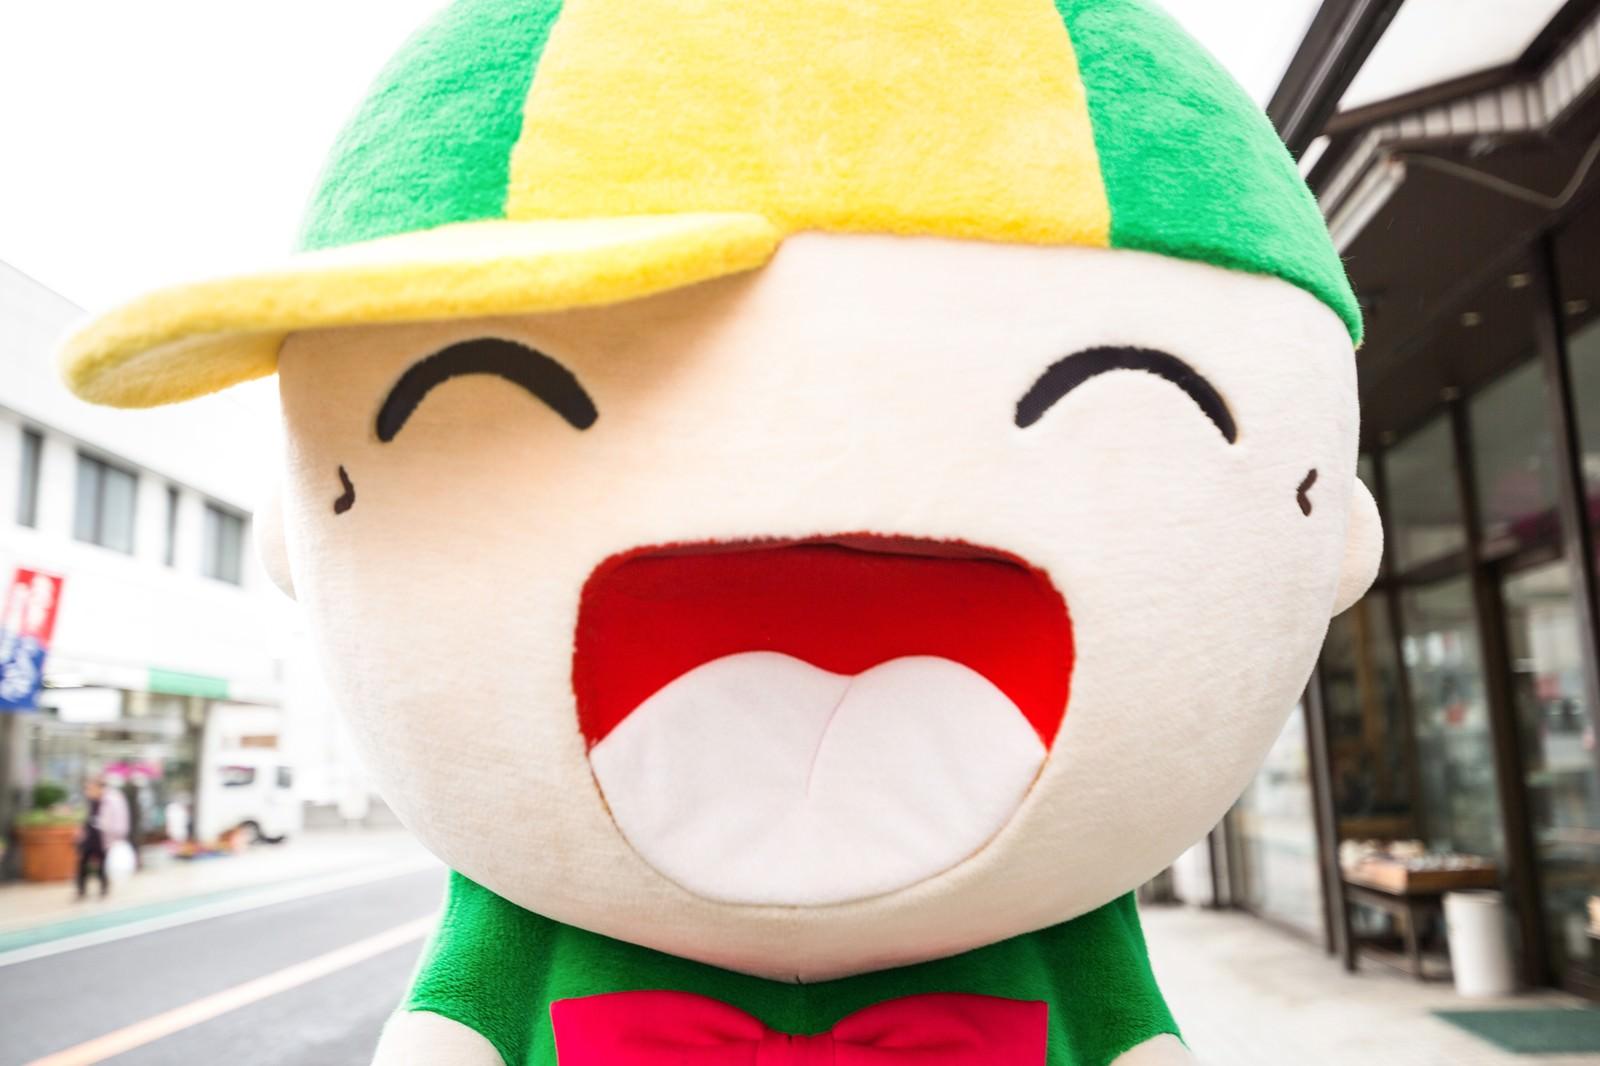 「商店街の人気者!ニコニコ笑顔のマスコット「ホットくん」」の写真[モデル:ホットくん]